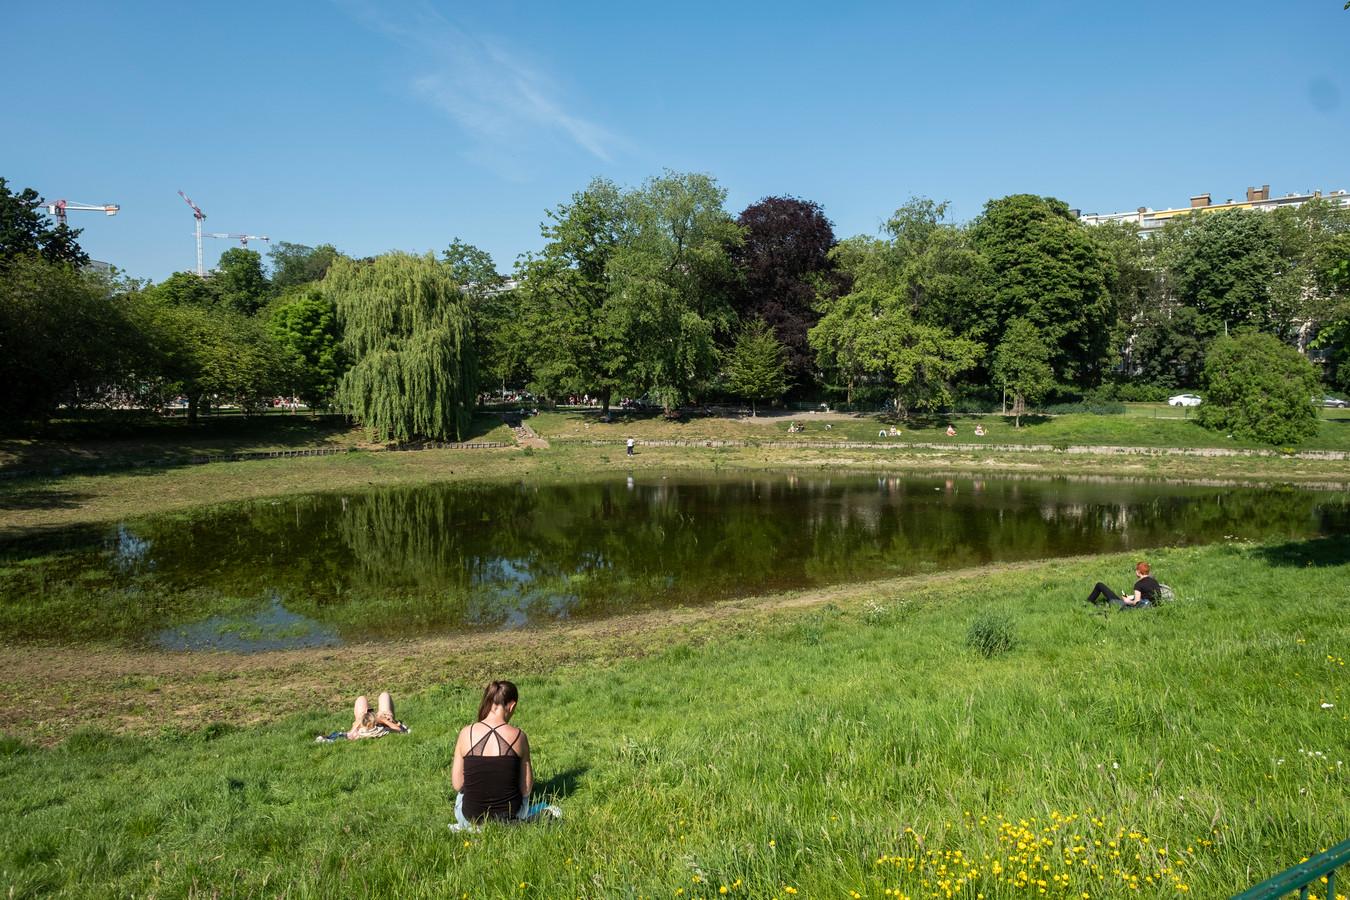 De installatie wordt in het water gezet in het Stadspark (archiefbeeld).